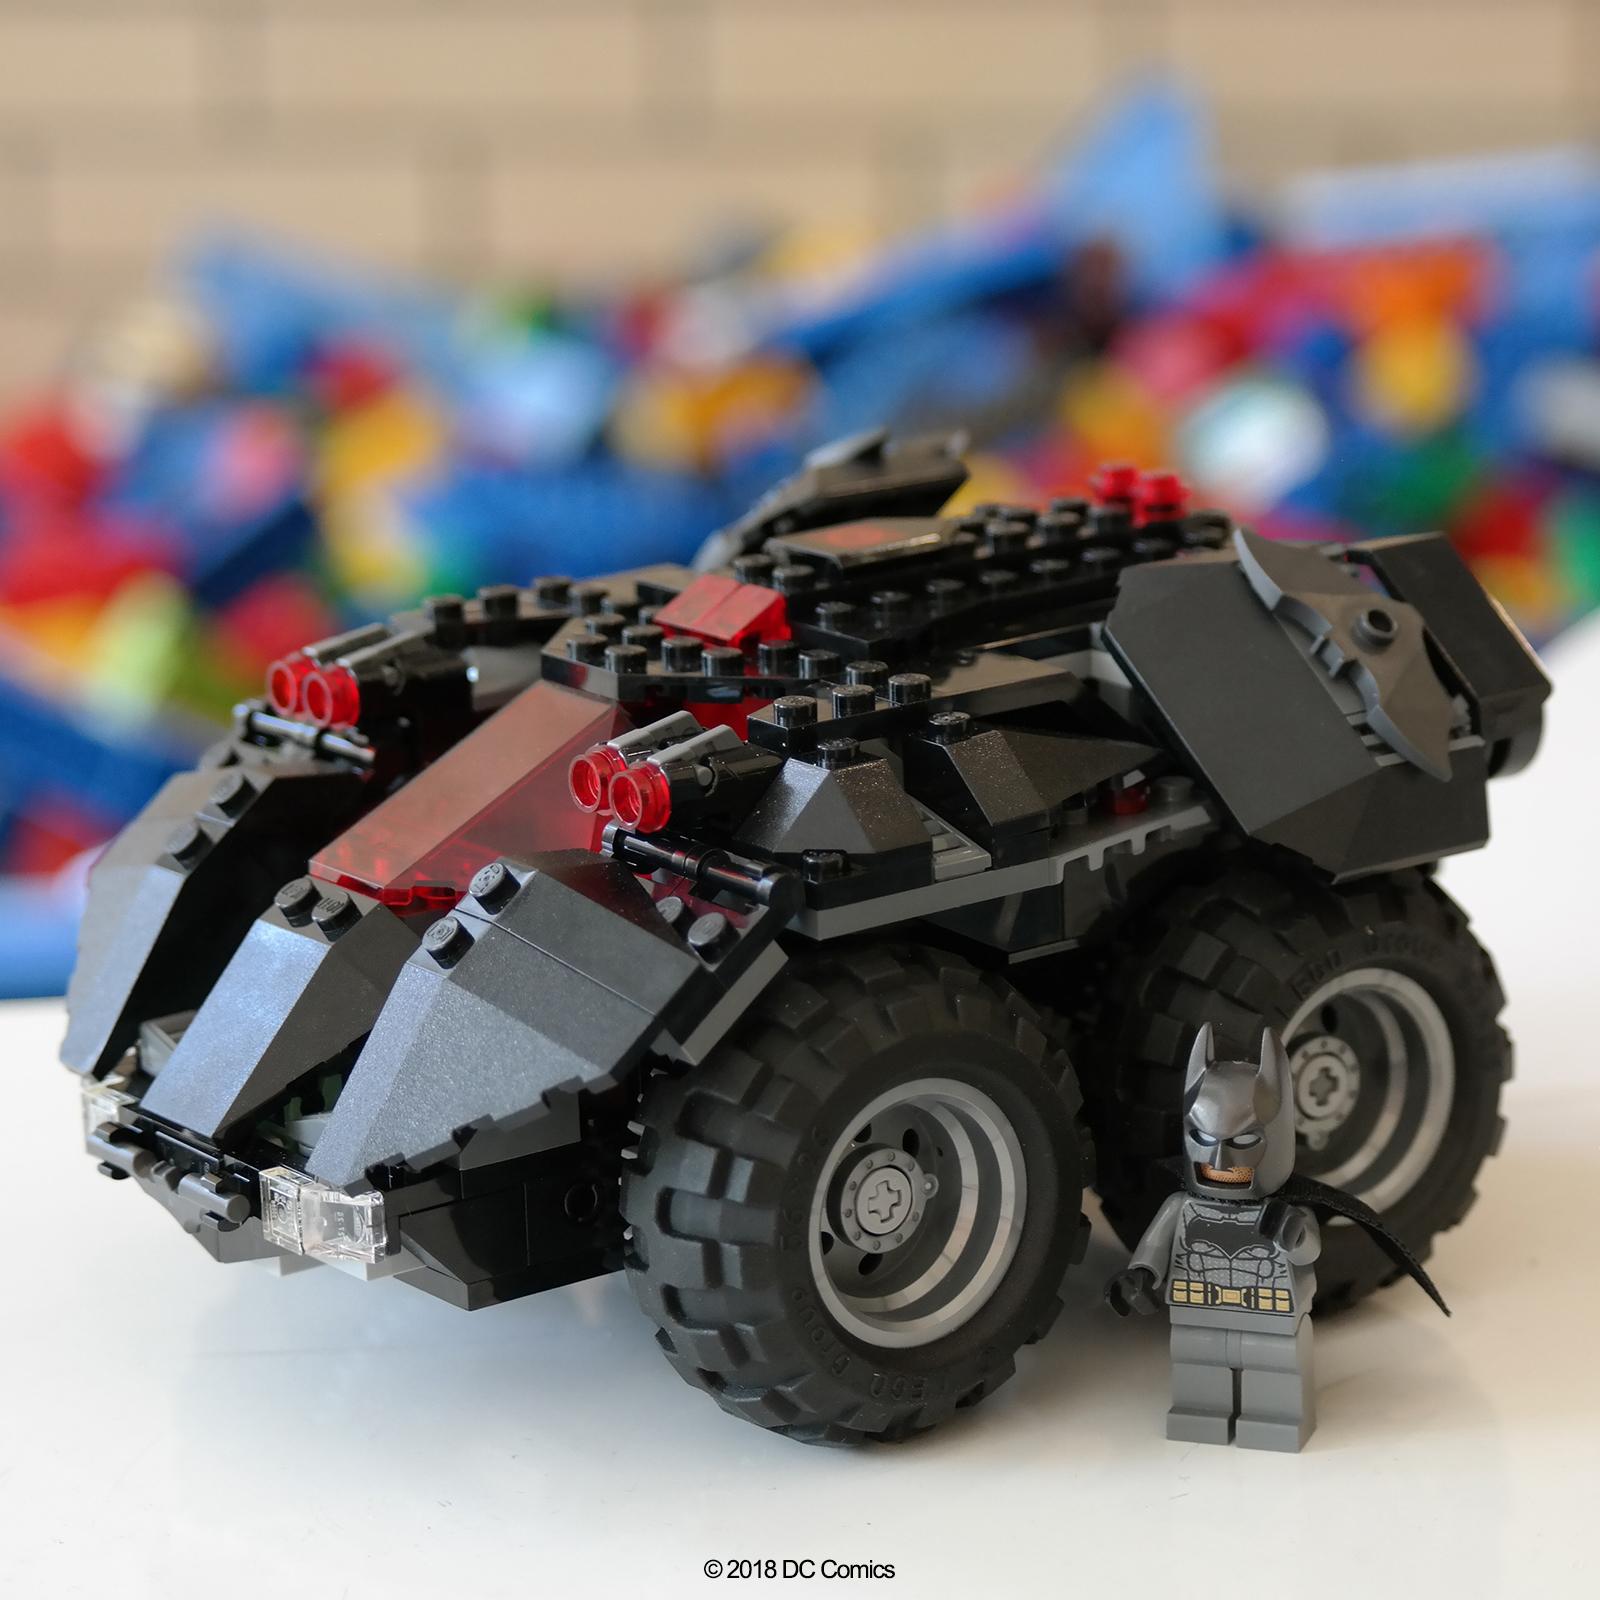 batmobile_1_legal line added.jpg